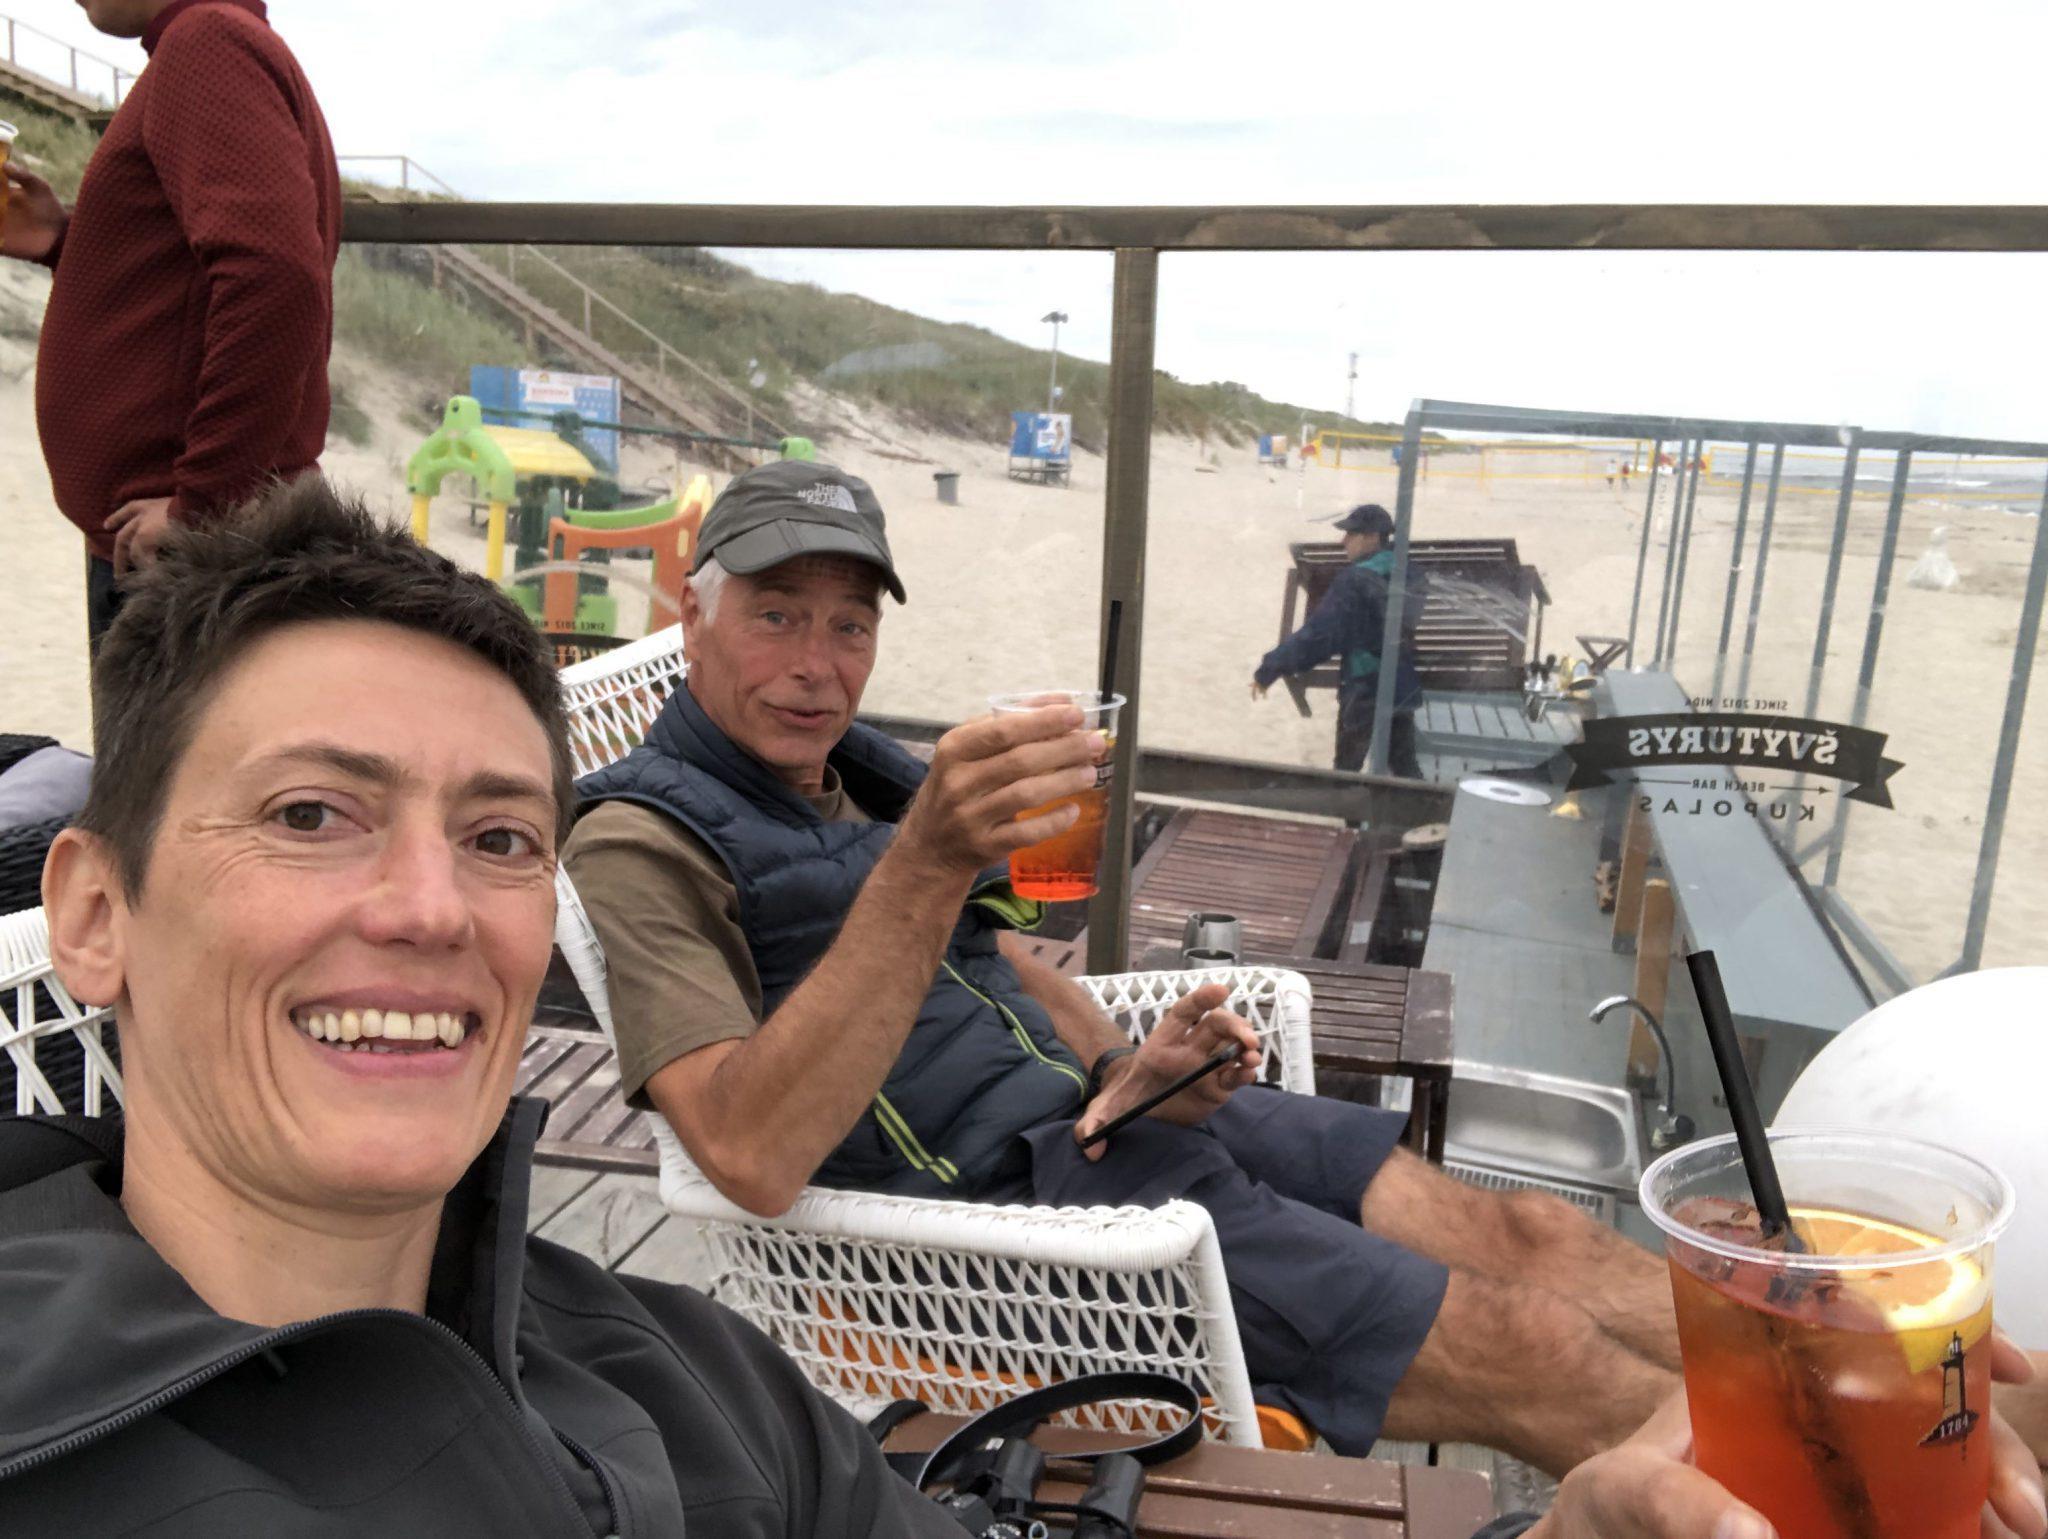 Auf der kurischen Nehrung in Neringa in einer Strandbar mit Aperol Spritz